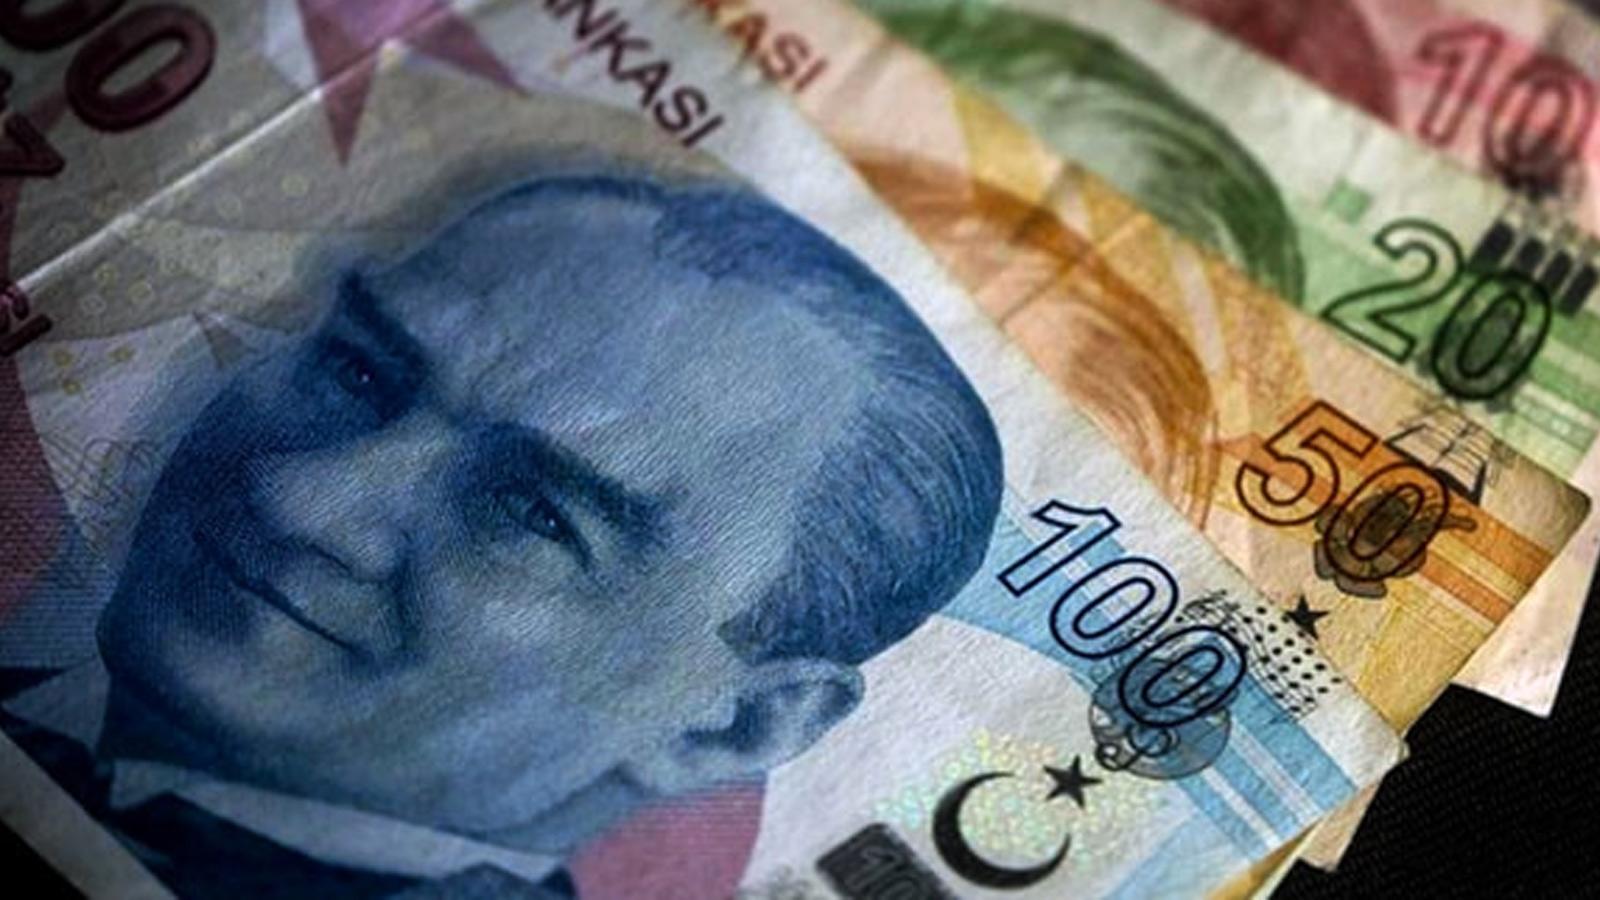 Yeniden değerleme oranı açıklandı; bazı vergiler yüzde 22,58 zamlı ödenecek